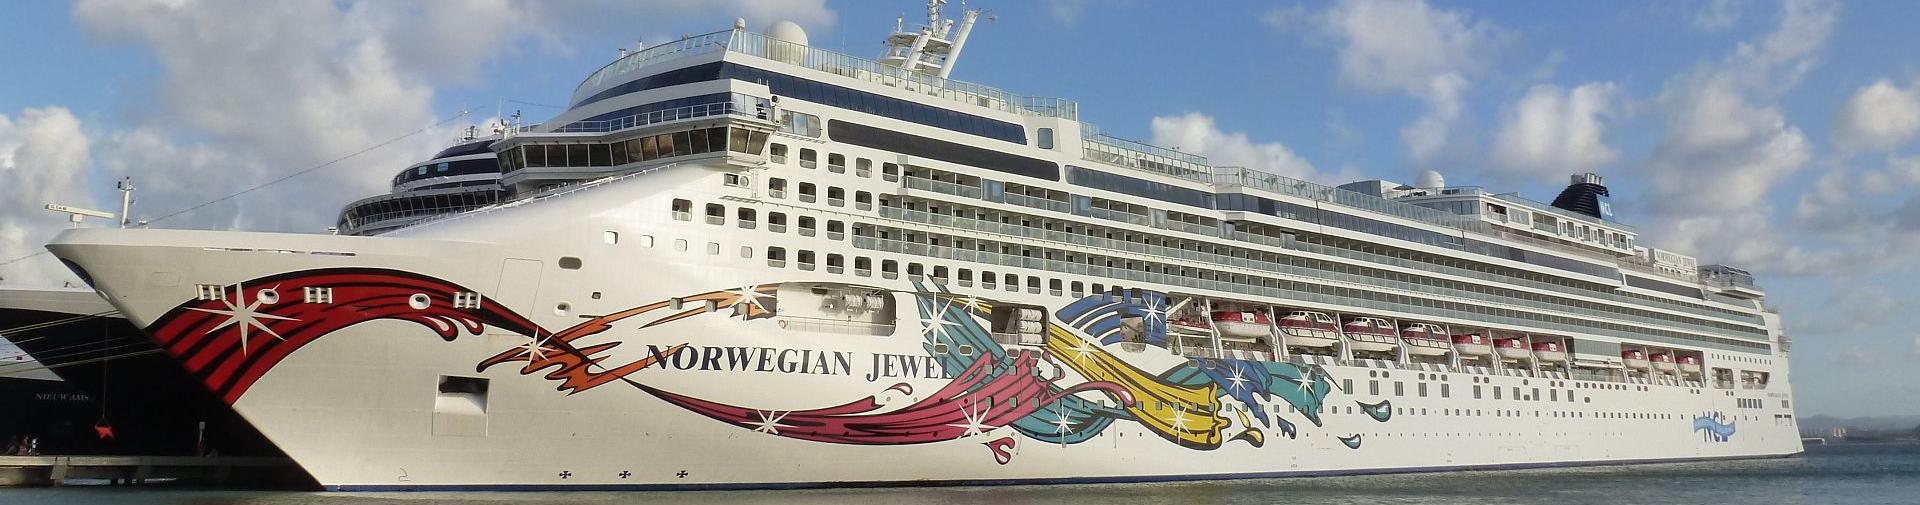 Norwegian Jewel